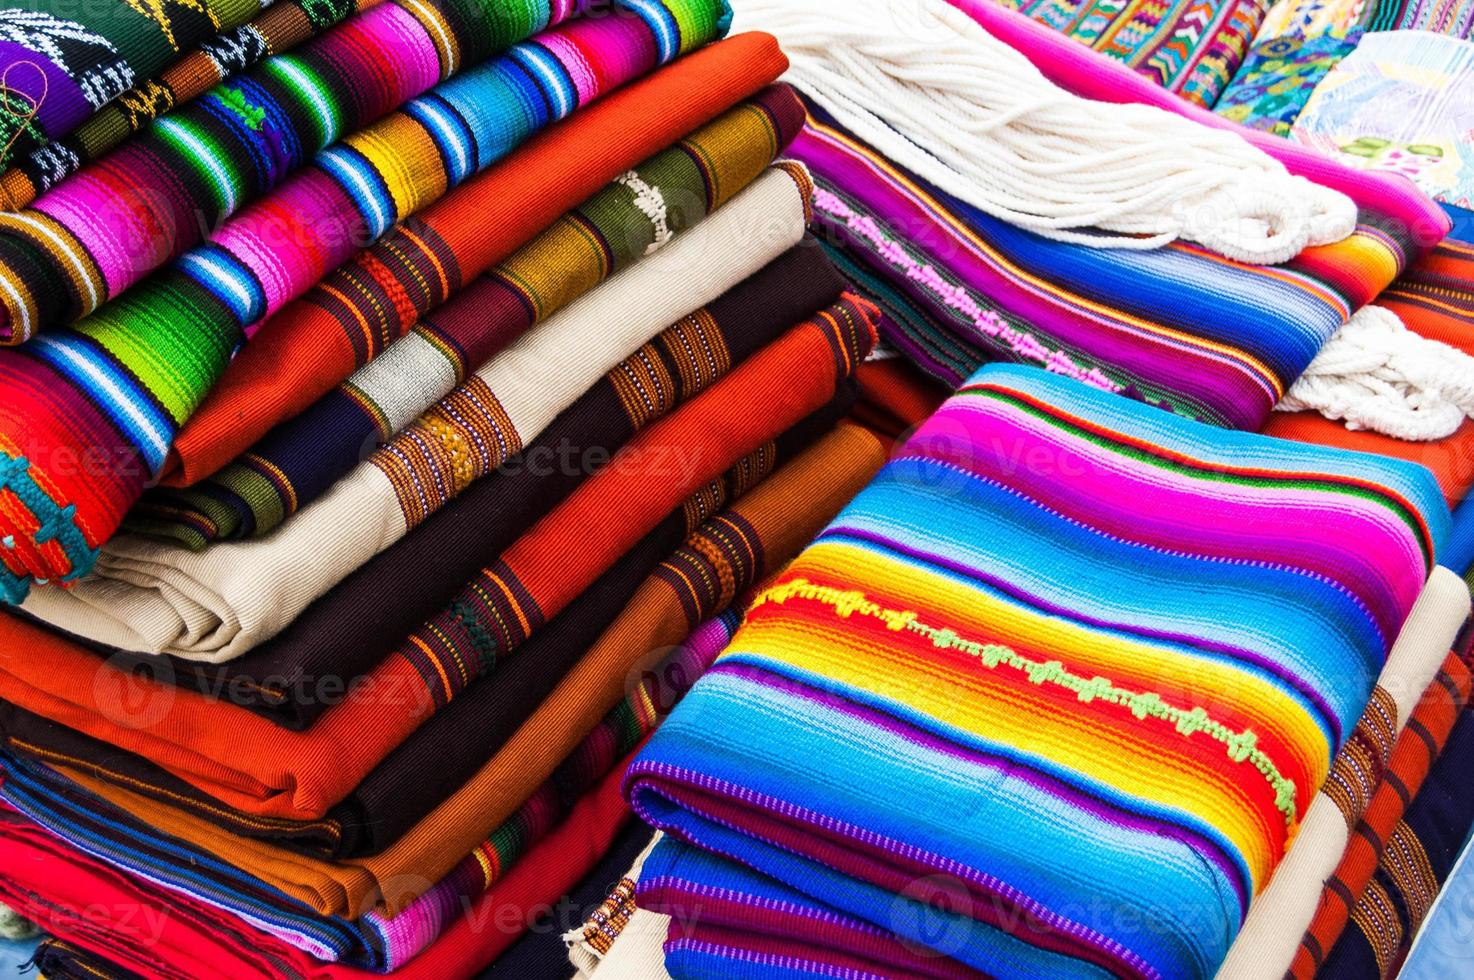 bunte handgewebte guatemaltekische Textilien foto